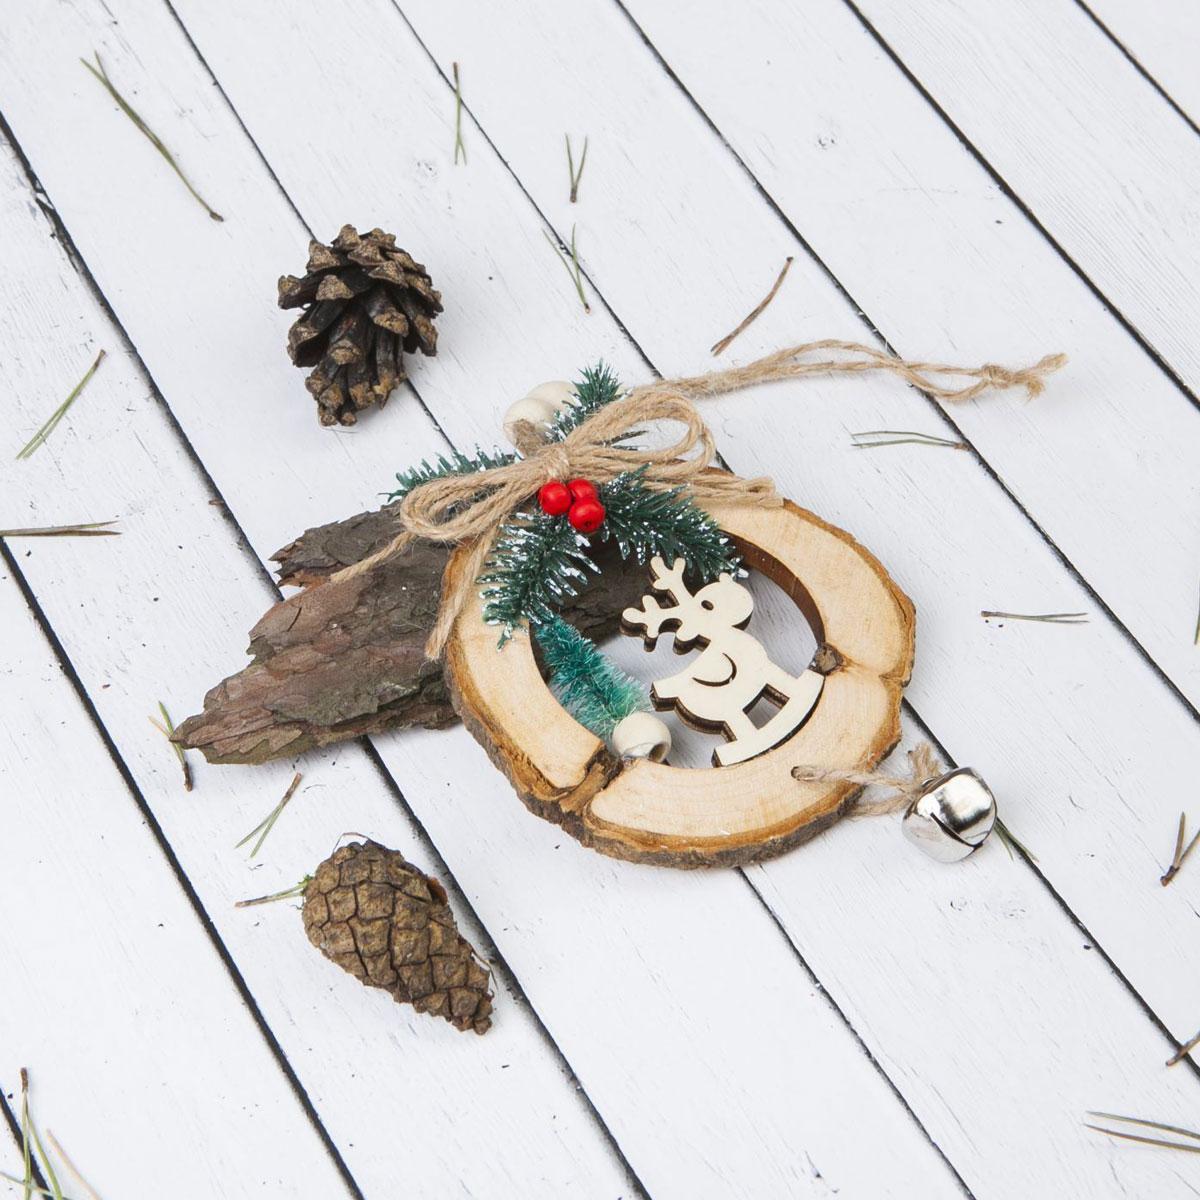 Новогоднее подвесное украшение Sima-land Олень, 9,5 х 12,5 см1392756Новогоднее украшение Sima-land отлично подойдет для декорации вашего дома и новогодней ели.Елочная игрушка - символ Нового года. Она несет в себе волшебство и красоту праздника. Такое украшение создаст в вашем доме атмосферу праздника, веселья и радости.